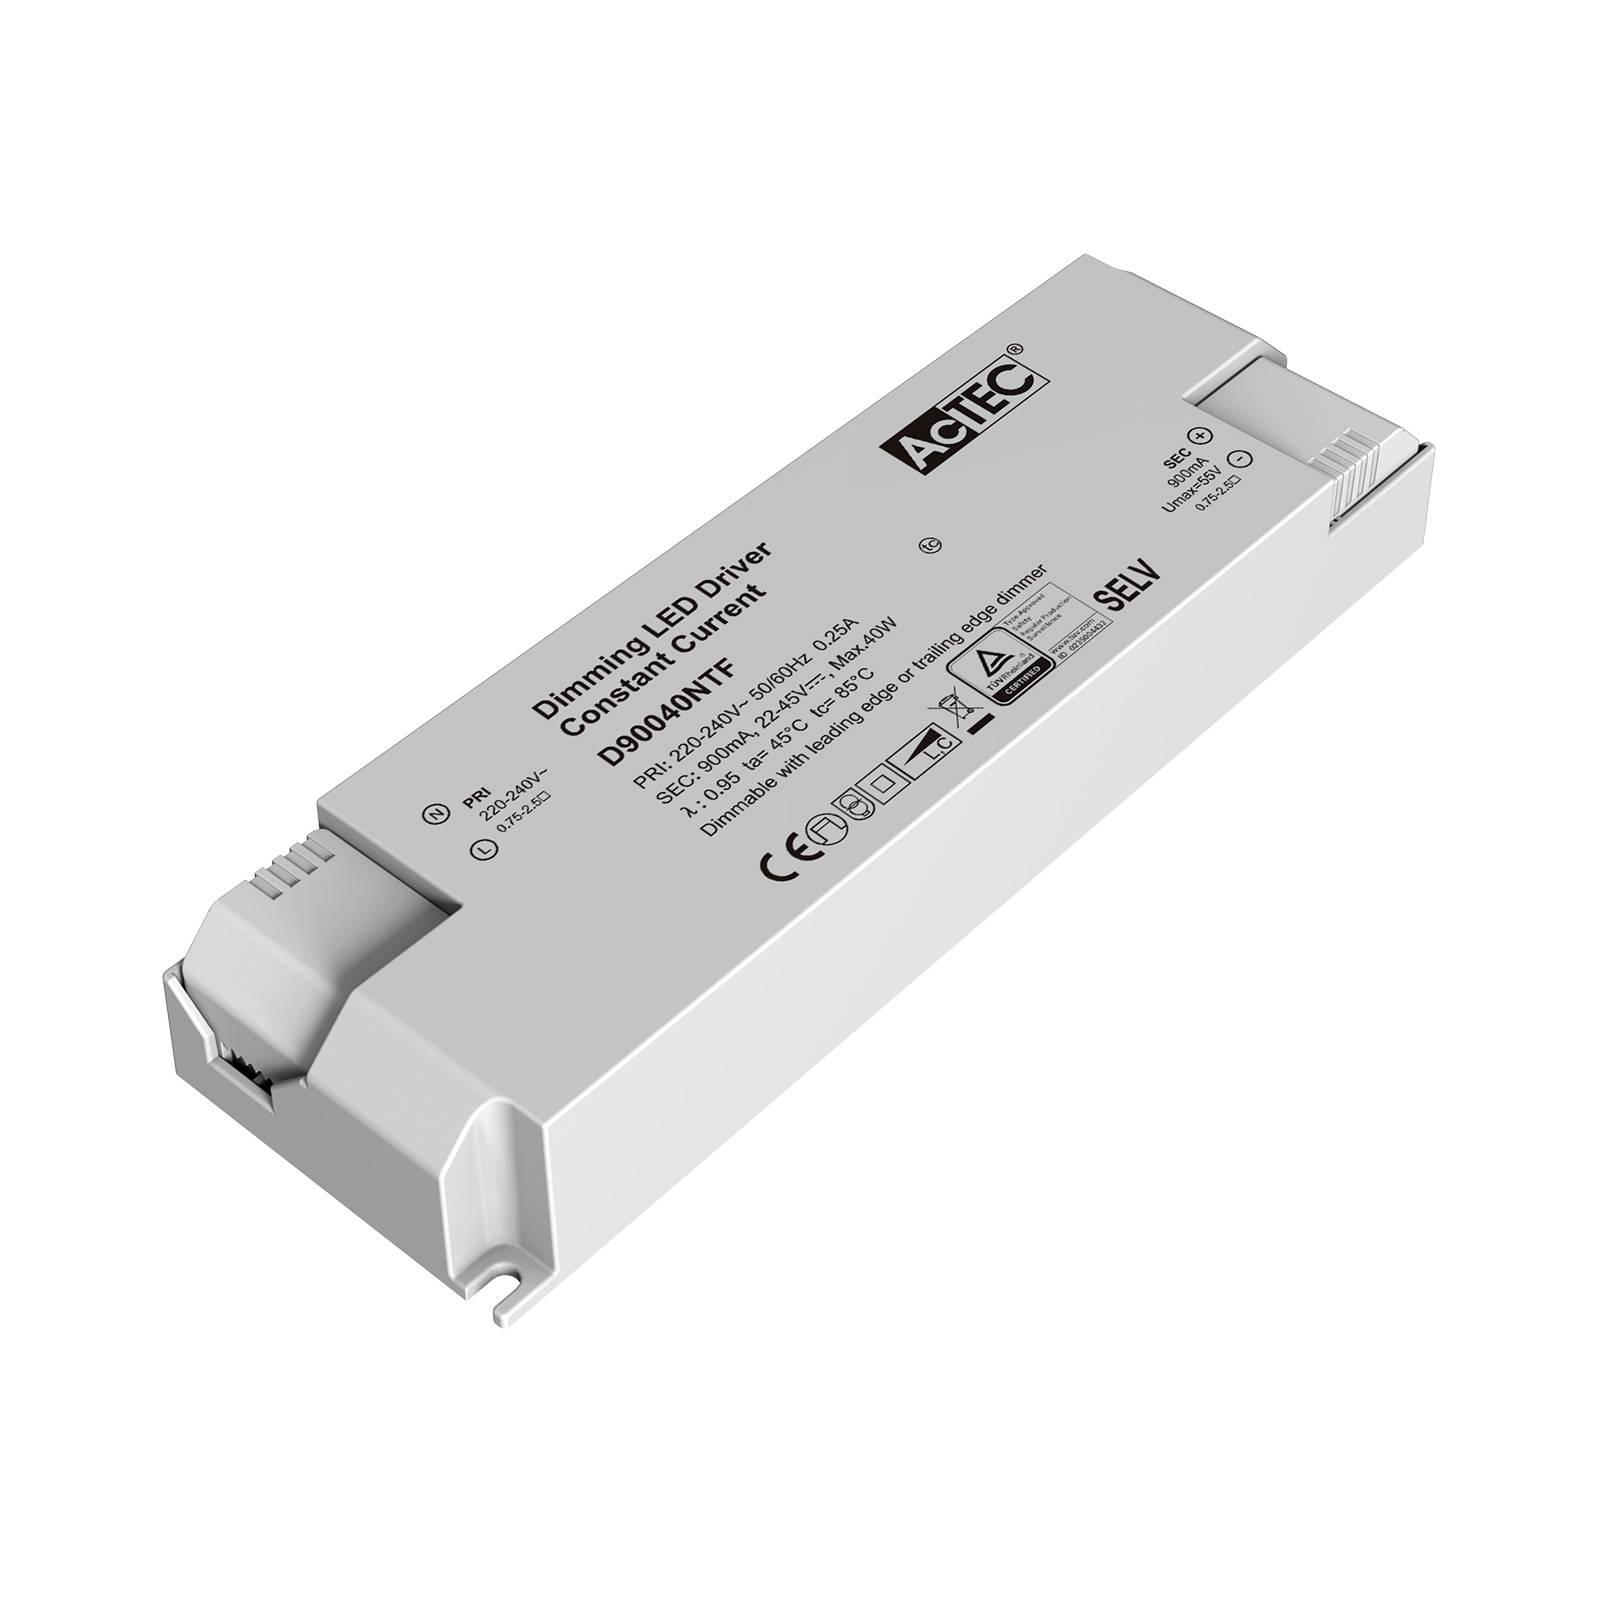 ACTEC AcTEC Triac LED ovladač CC max. 40W 900mA